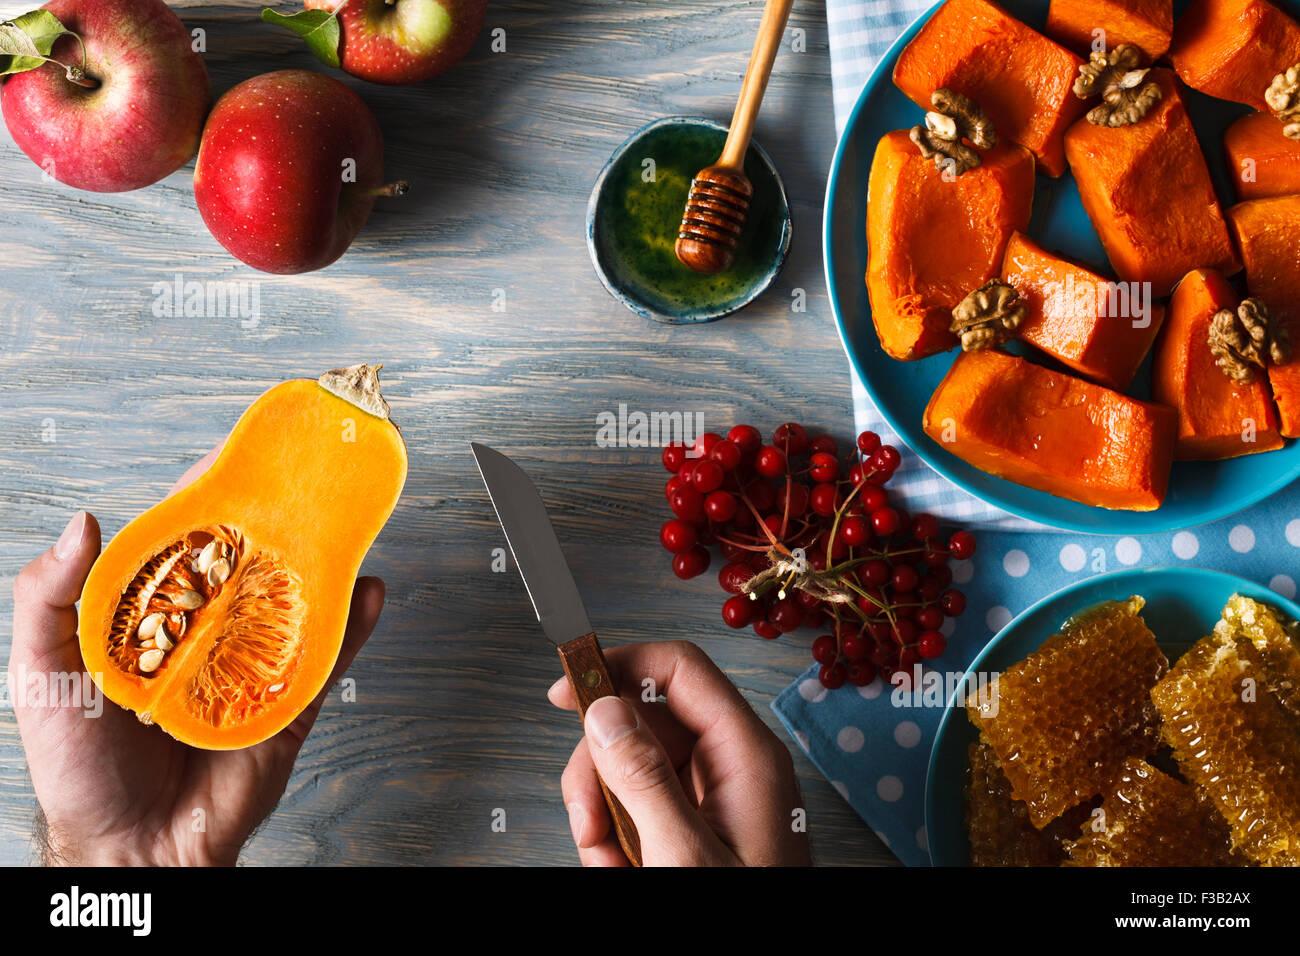 Menu d'automne. Homme mains tenant peu citrouille et un couteau dans le contexte des pommes fraîches, un tas de petits fruits viburnum, h Banque D'Images